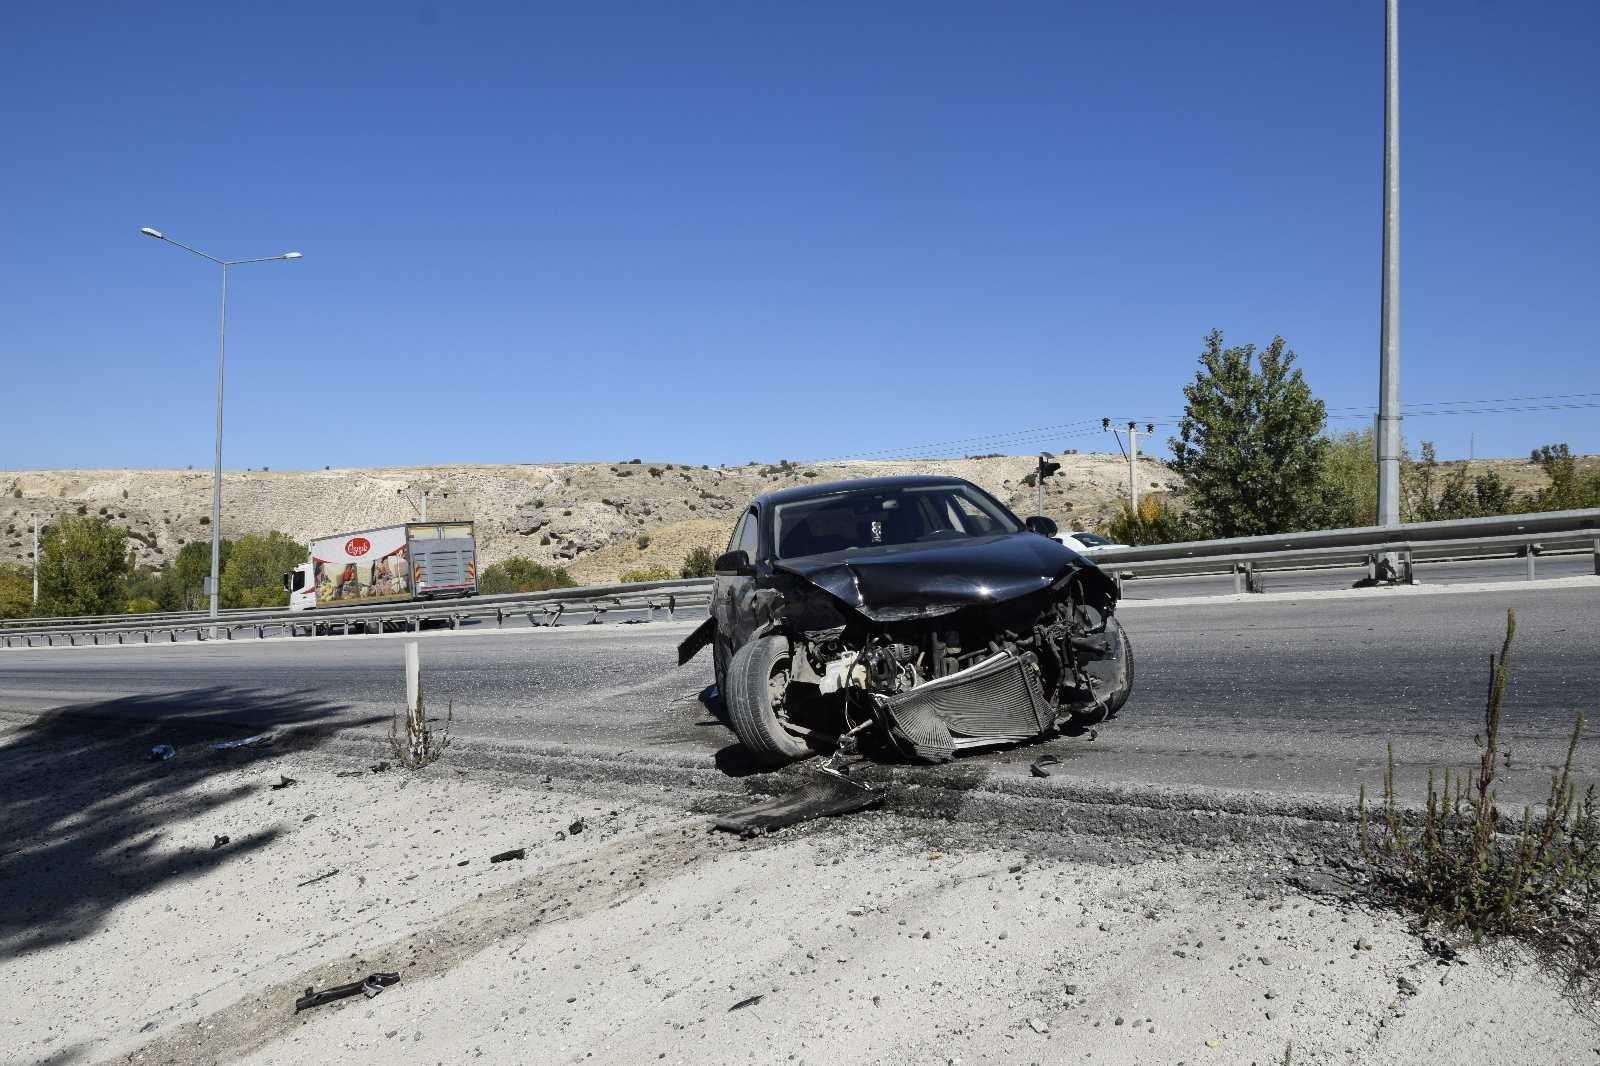 Burdur'da aday sürücü ölümden döndü #burdur